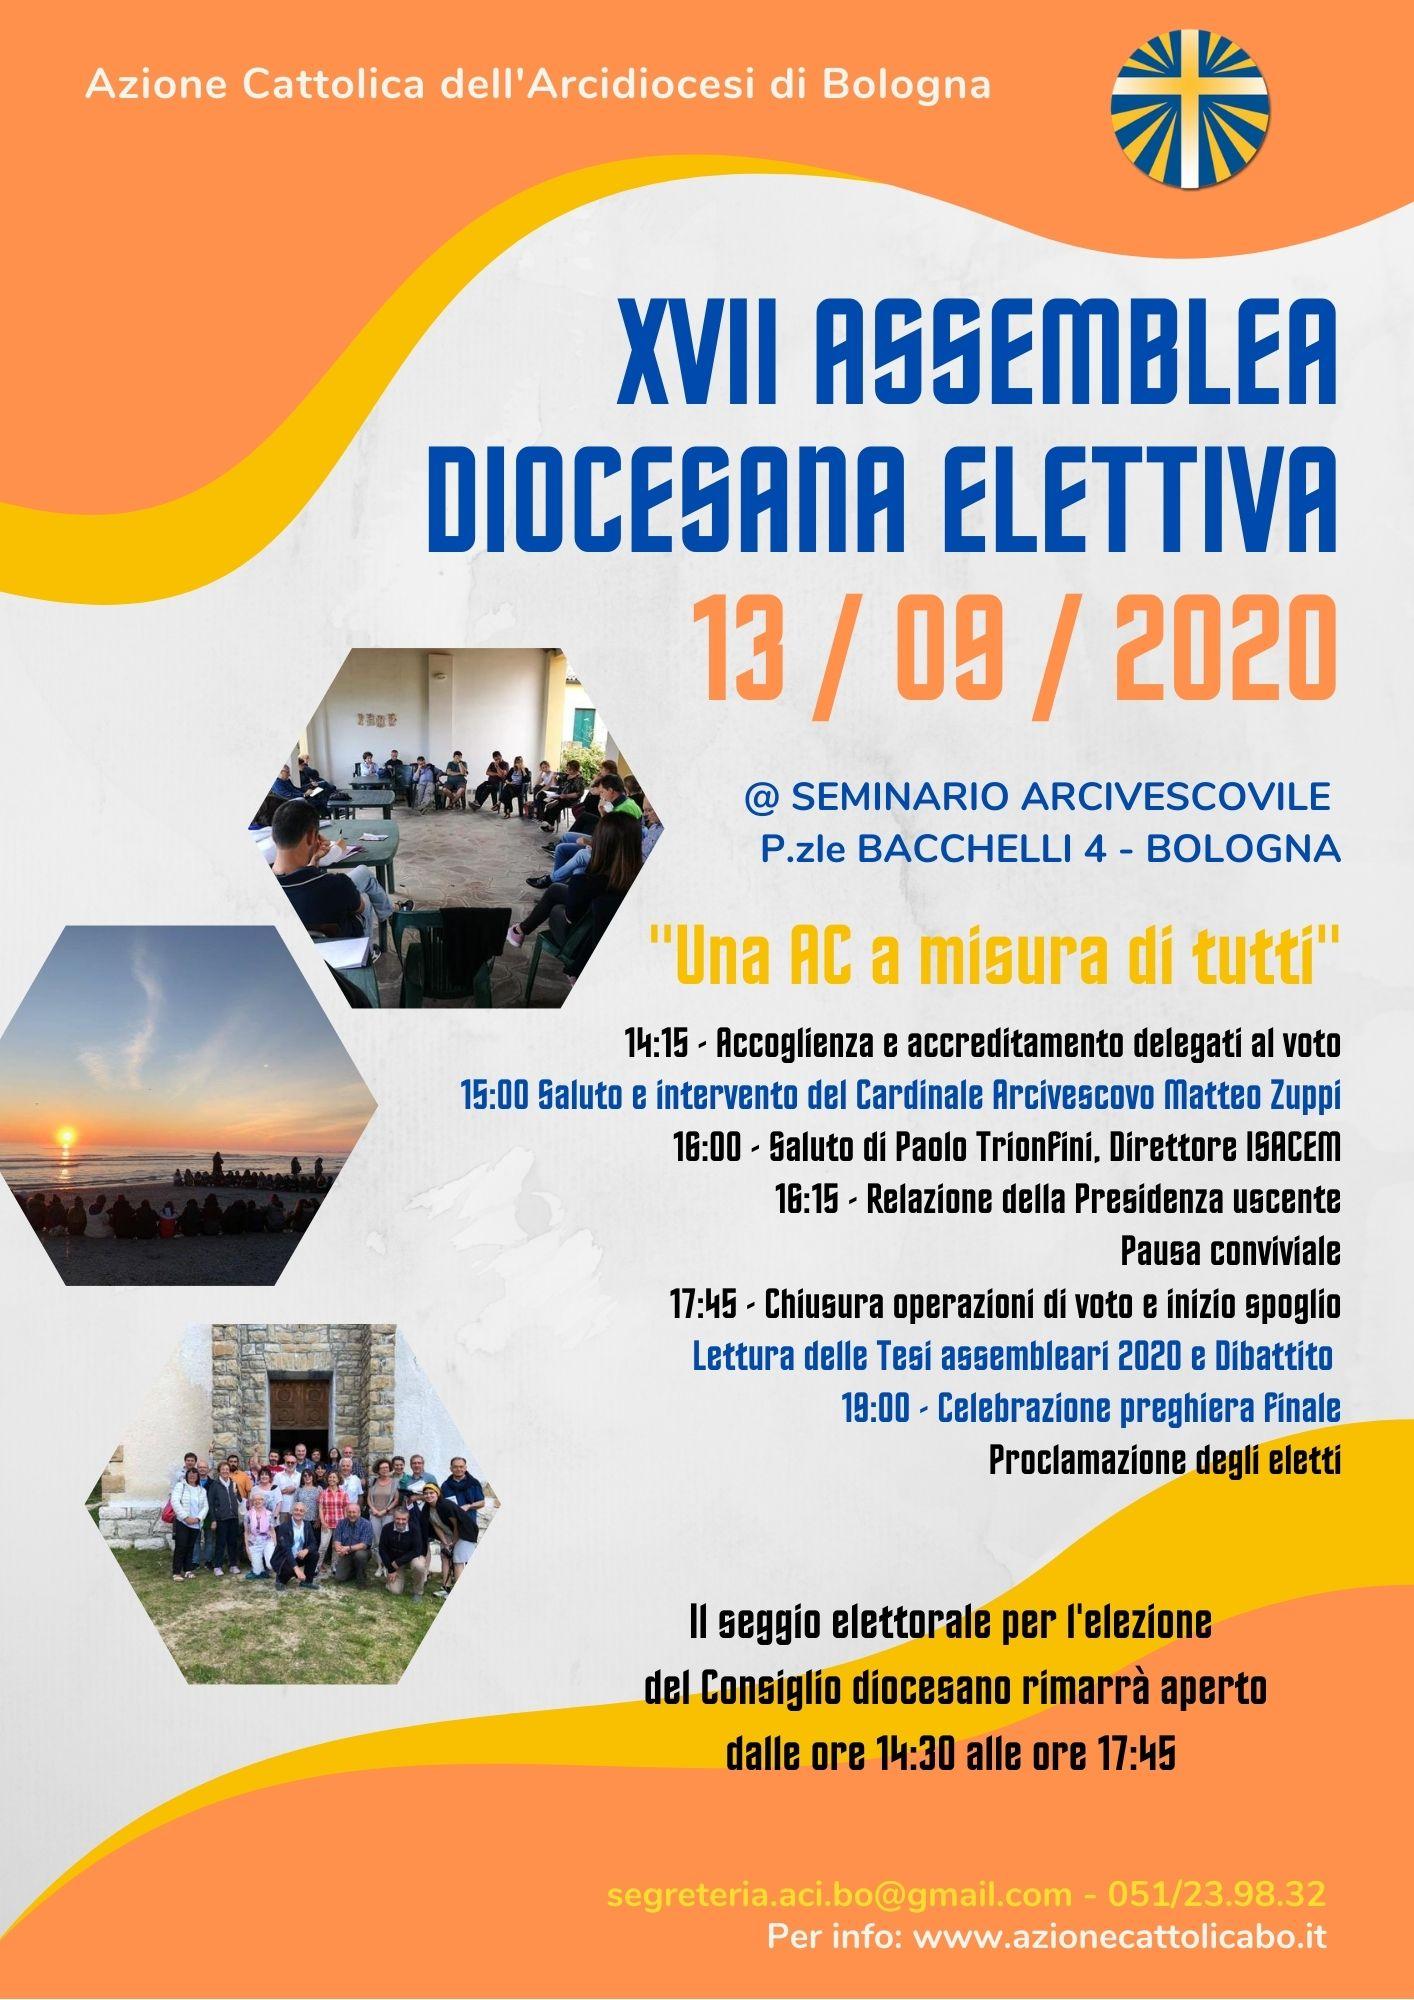 ASSEMBLEA DIOCESANA ELETTIVA @ @Seminario Arcivescovile di Bologna